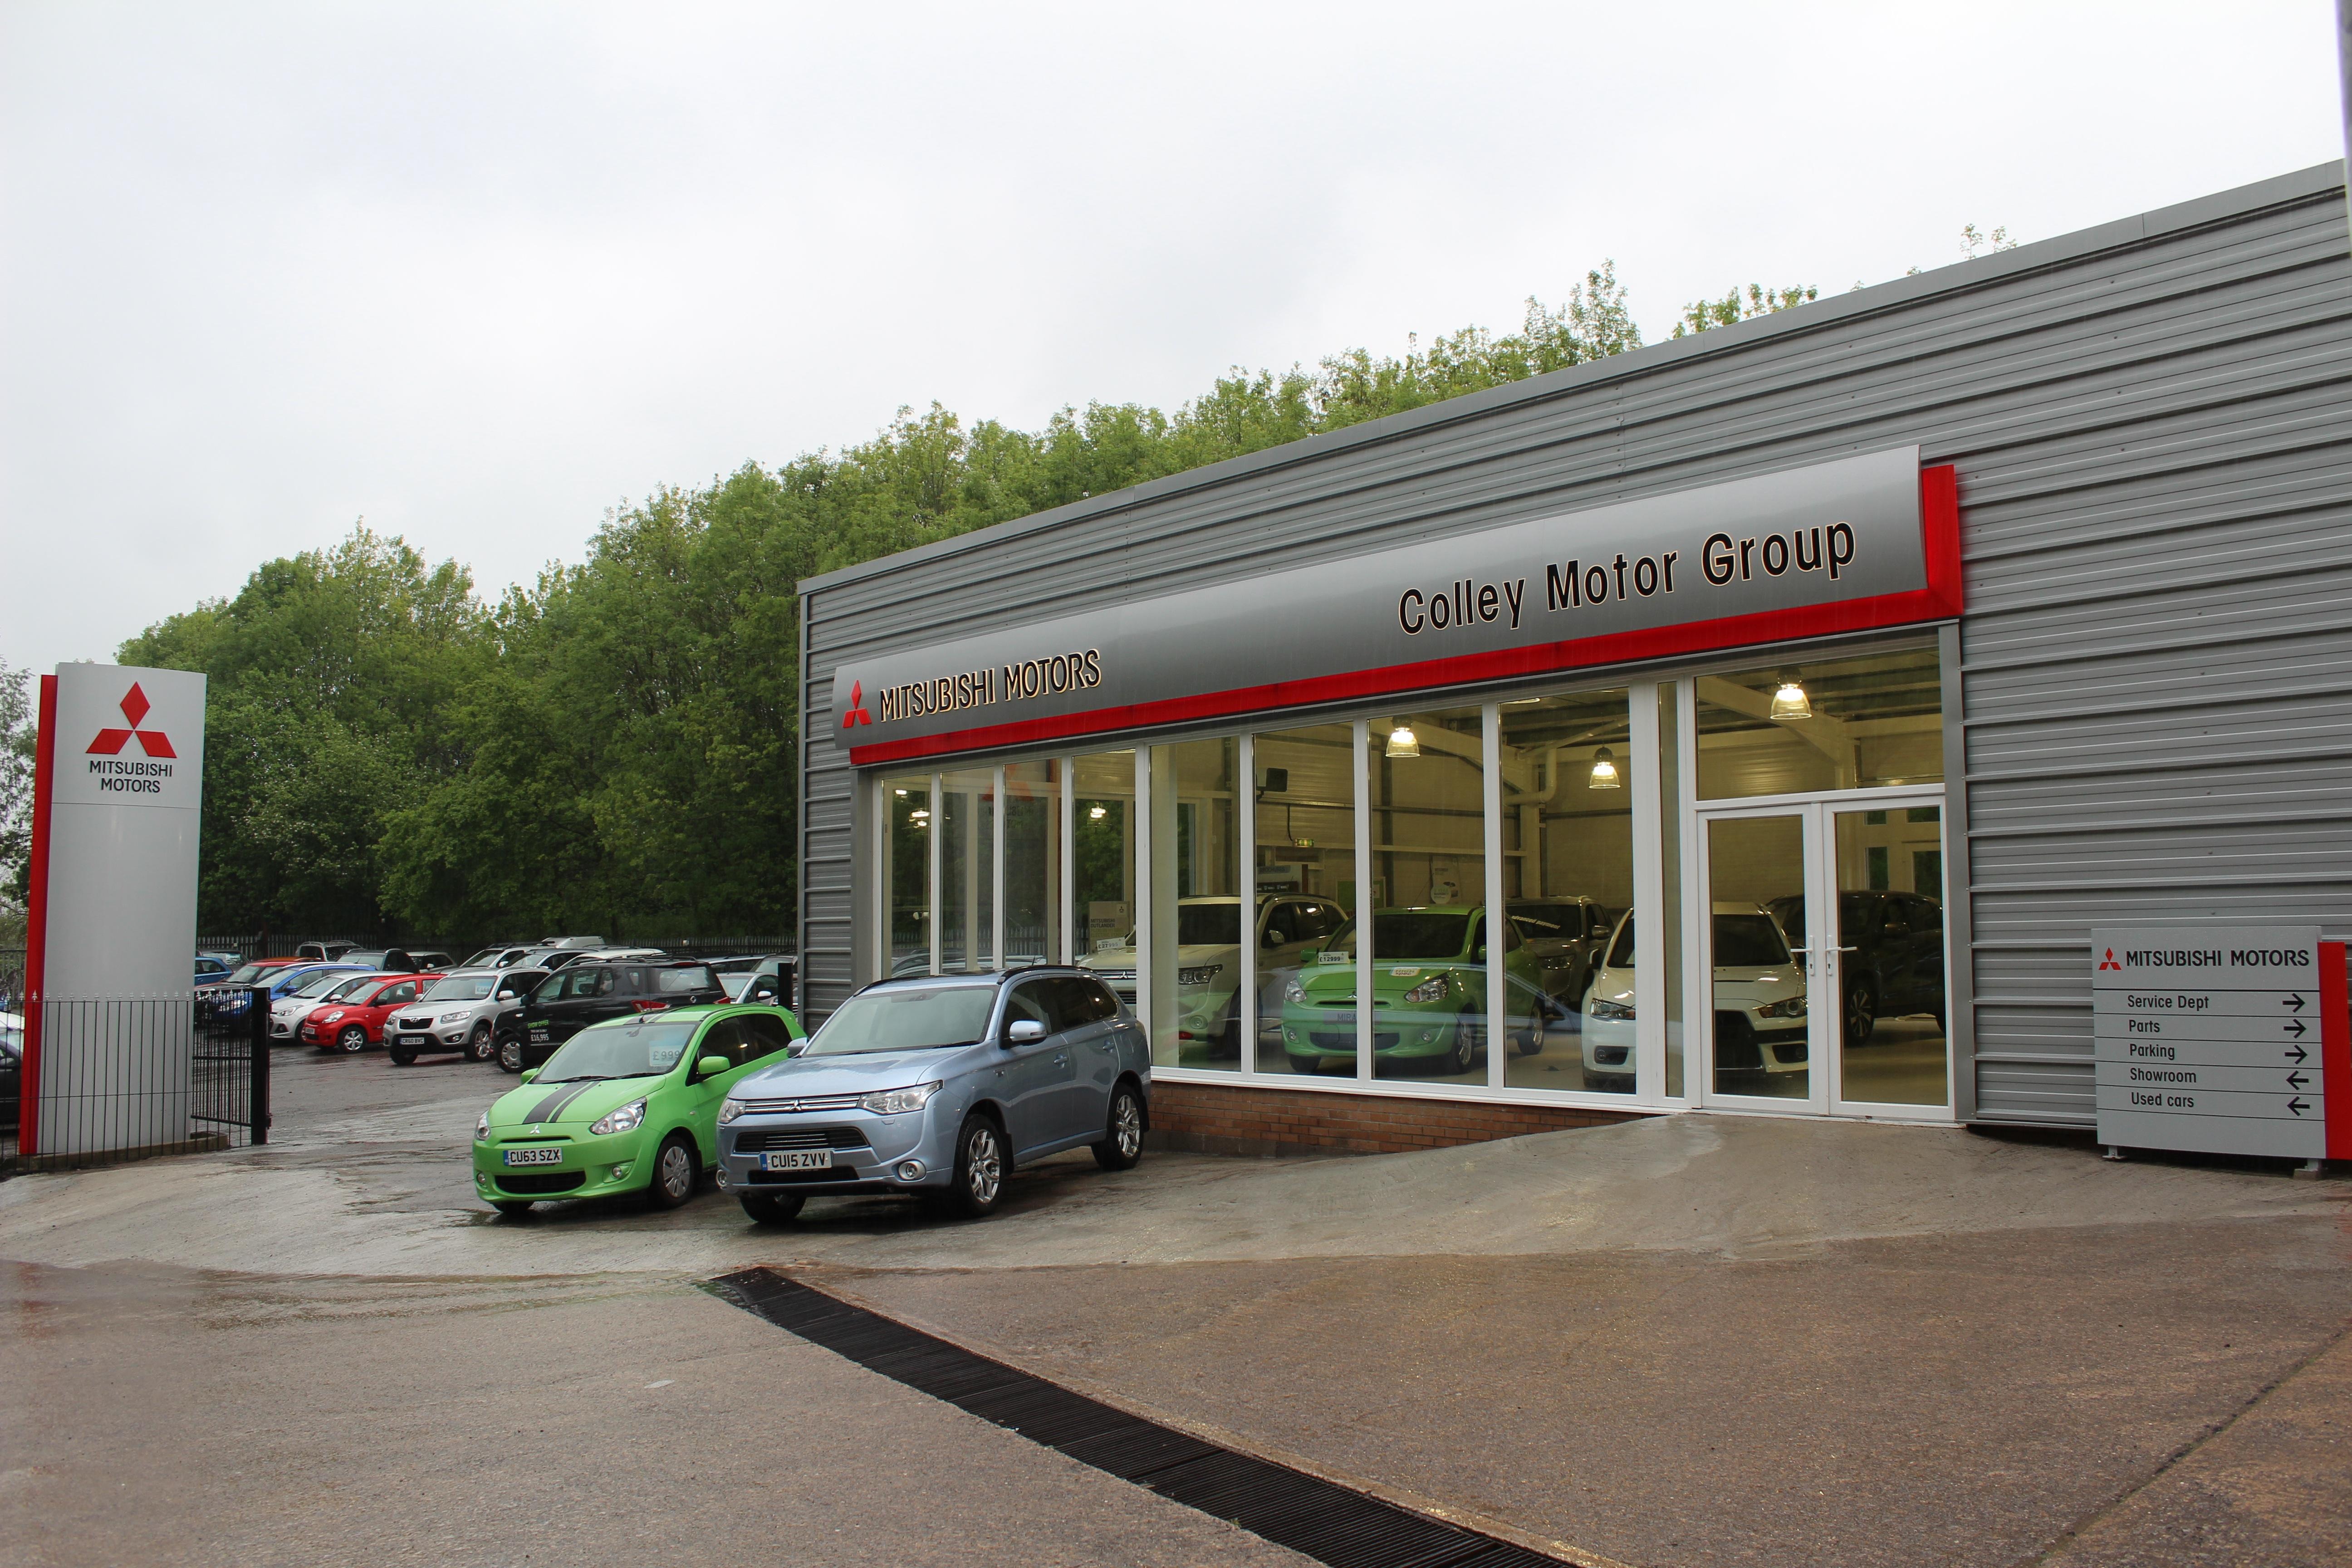 Продажи автомобилей Mitsubishi на российском рынке в марте выросли почти втрое